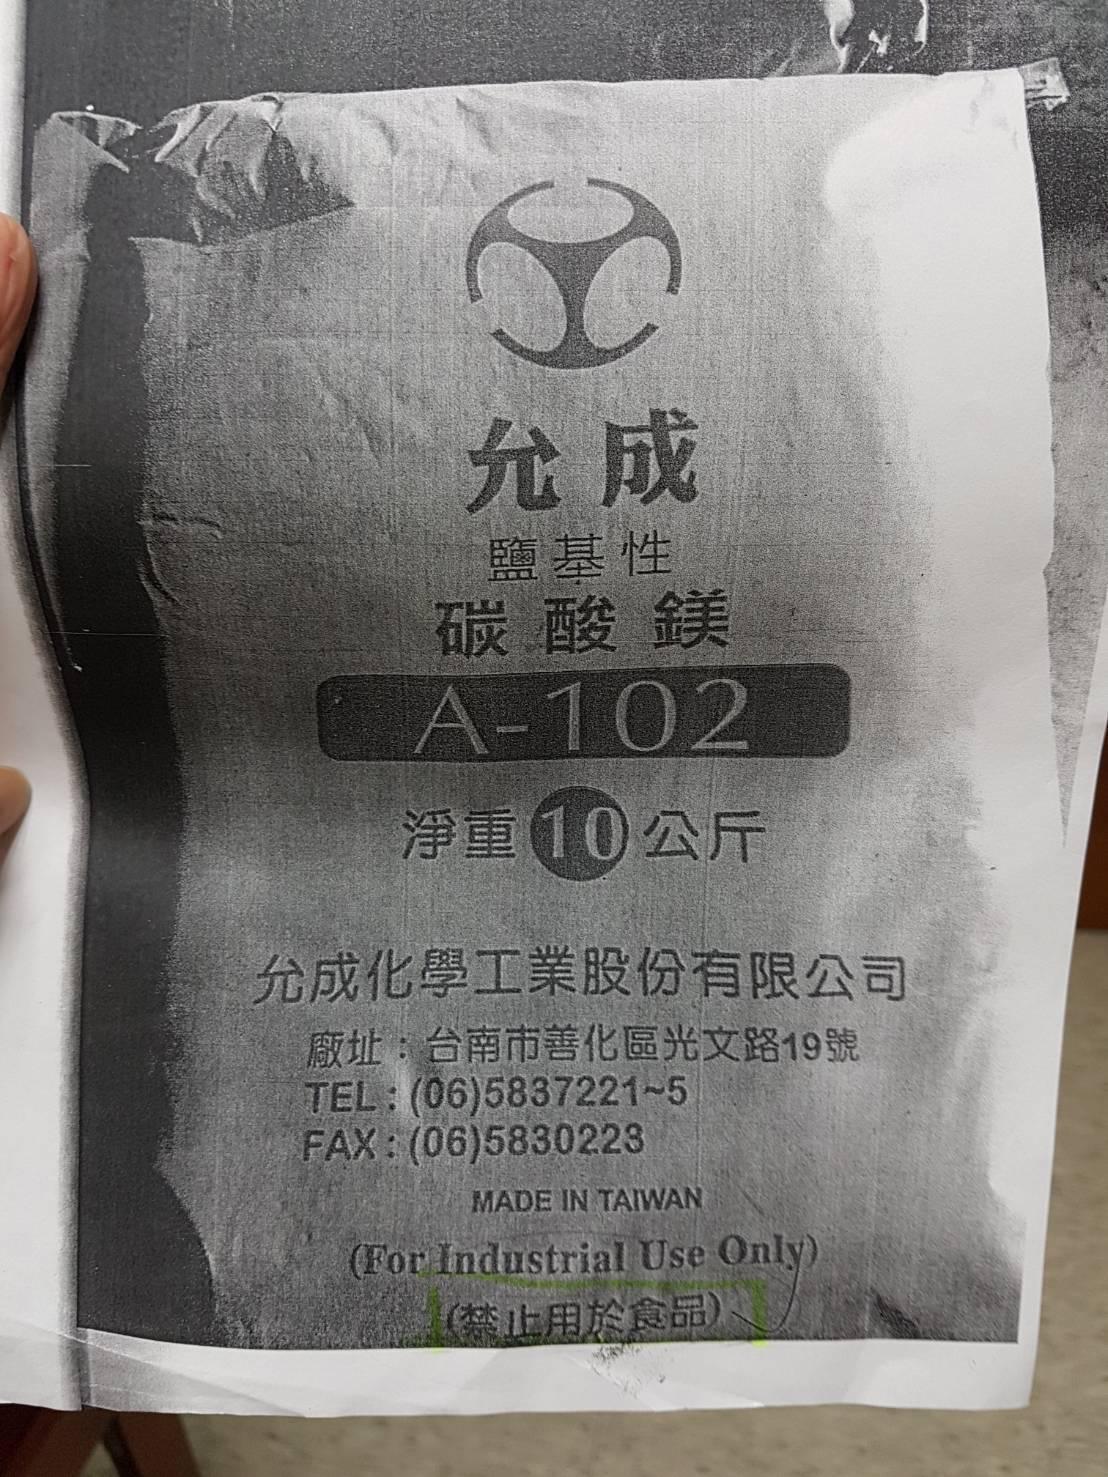 允成公司出產的碳酸鎂明示「禁止用於食品」。記者王宏舜/翻攝